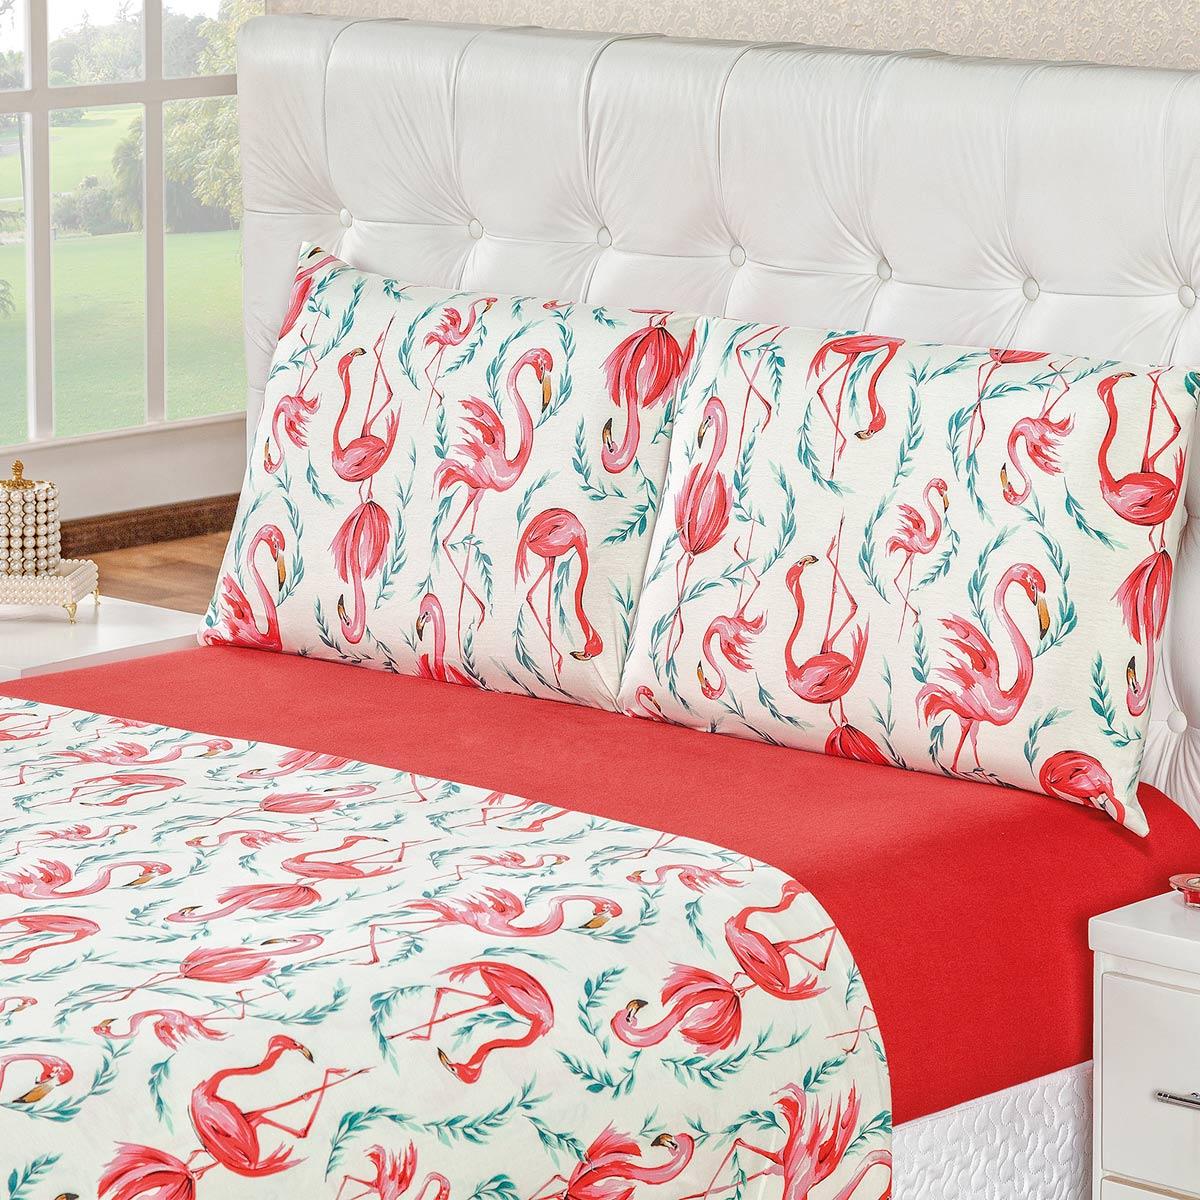 da4ec5522c Jogo de Cama Quality Flamingo Malha 100% Algodão King 04 Peças ...